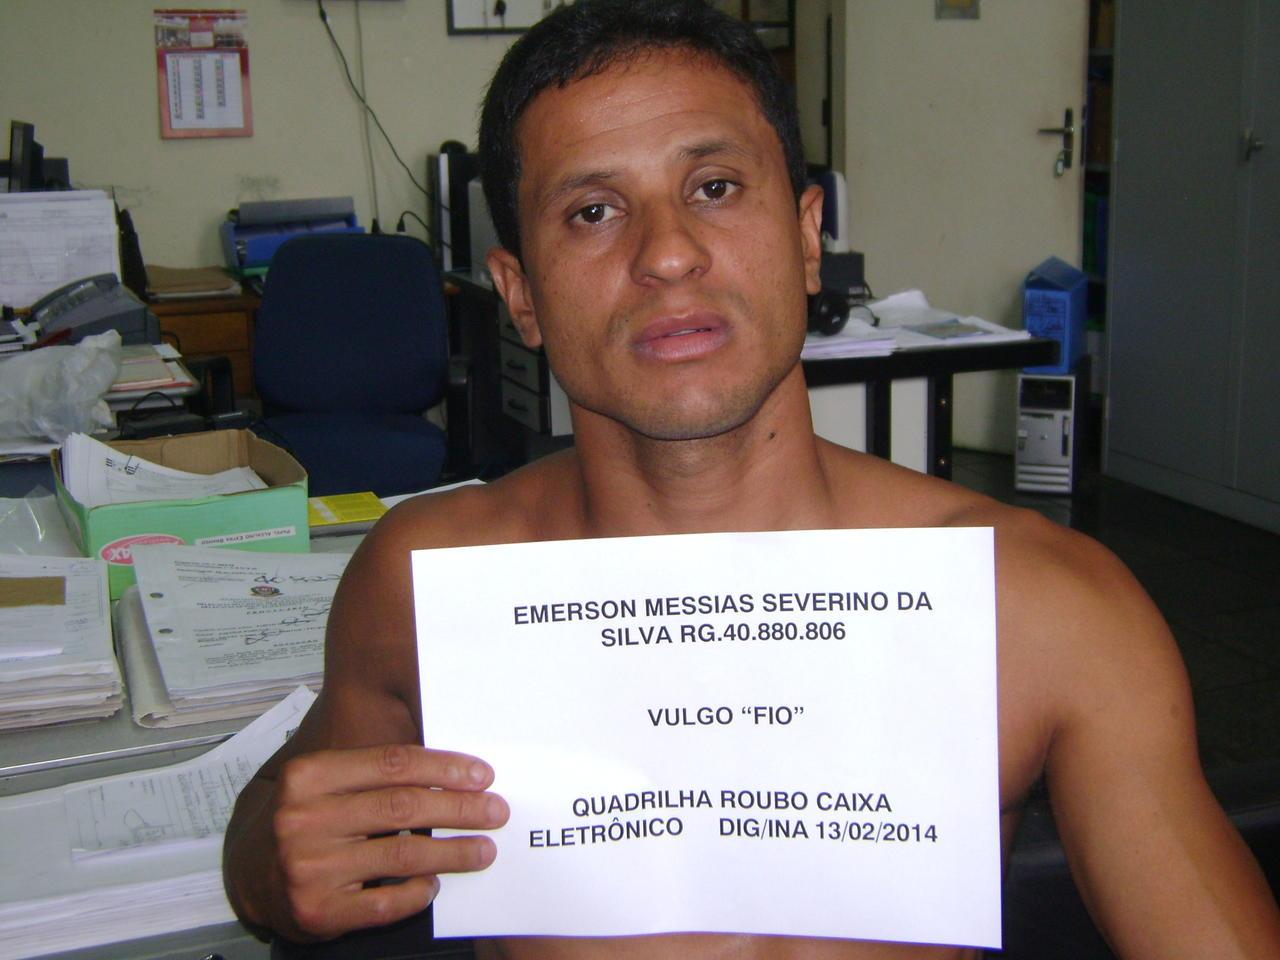 Emerson Messias Severino da Silva - ADIVAL B. PINTO